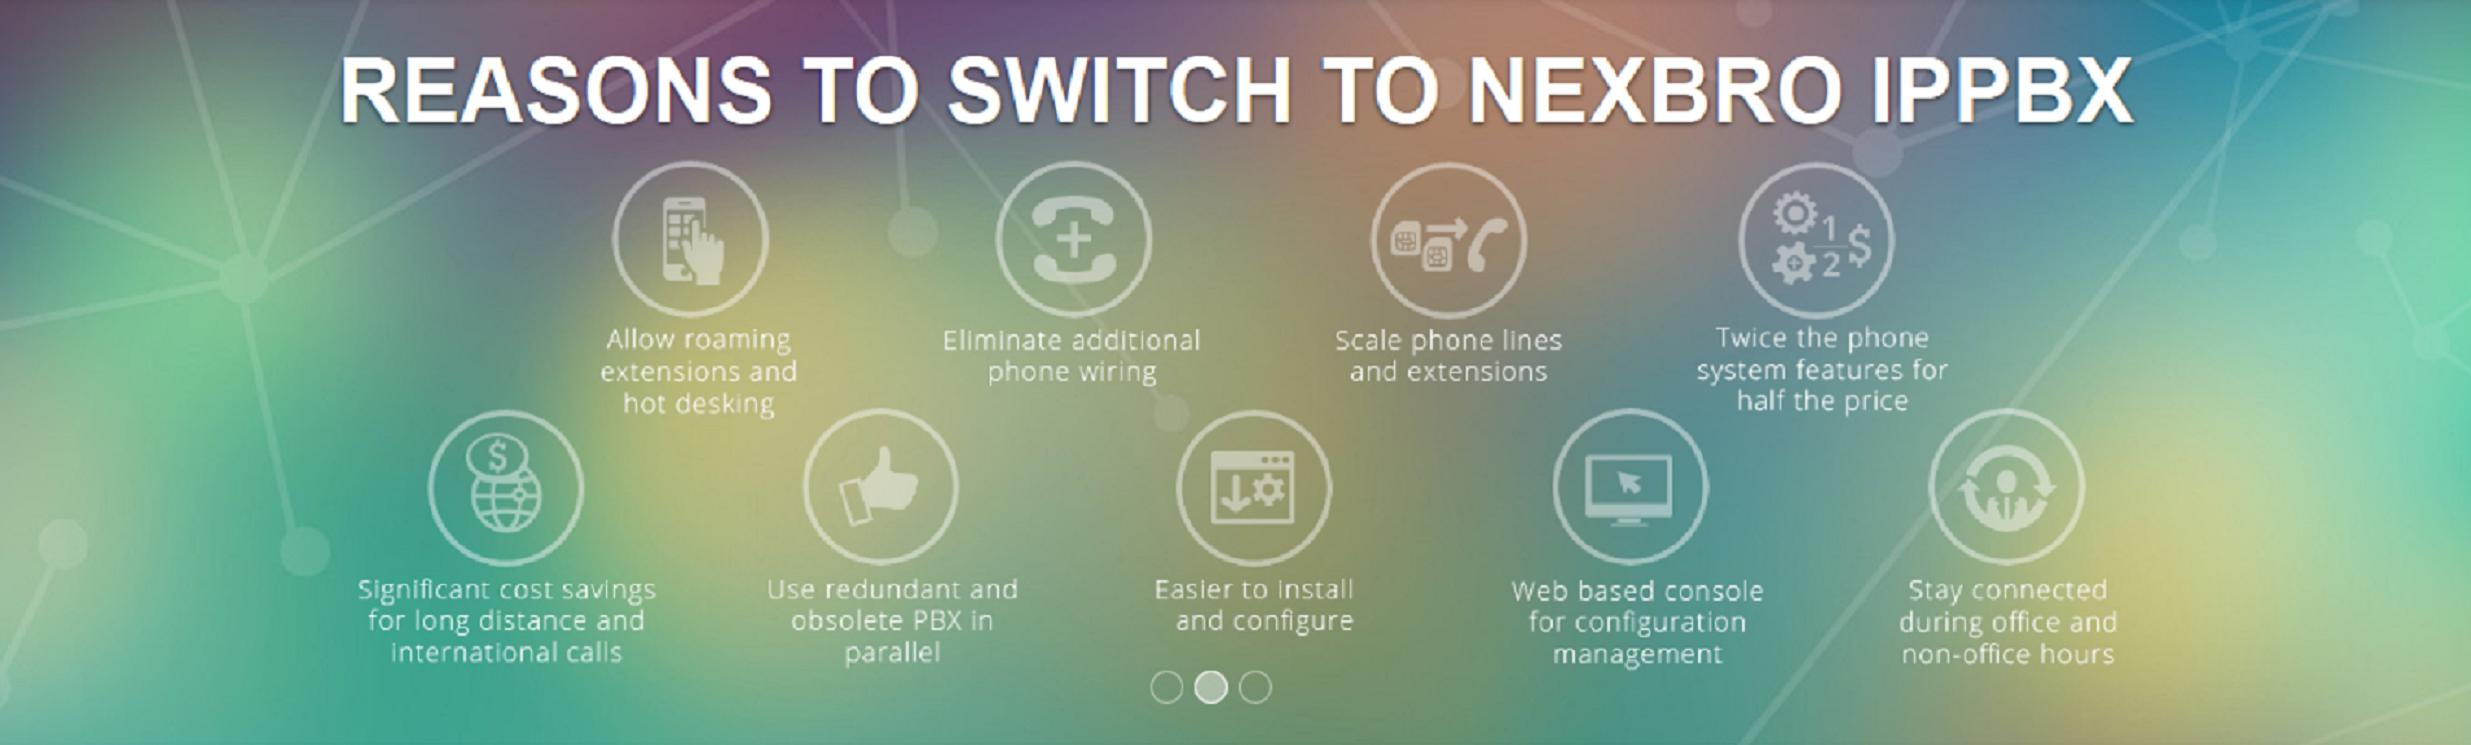 Nexbro Ippbx On Pinterest Ip Pbx Wiring Diagram